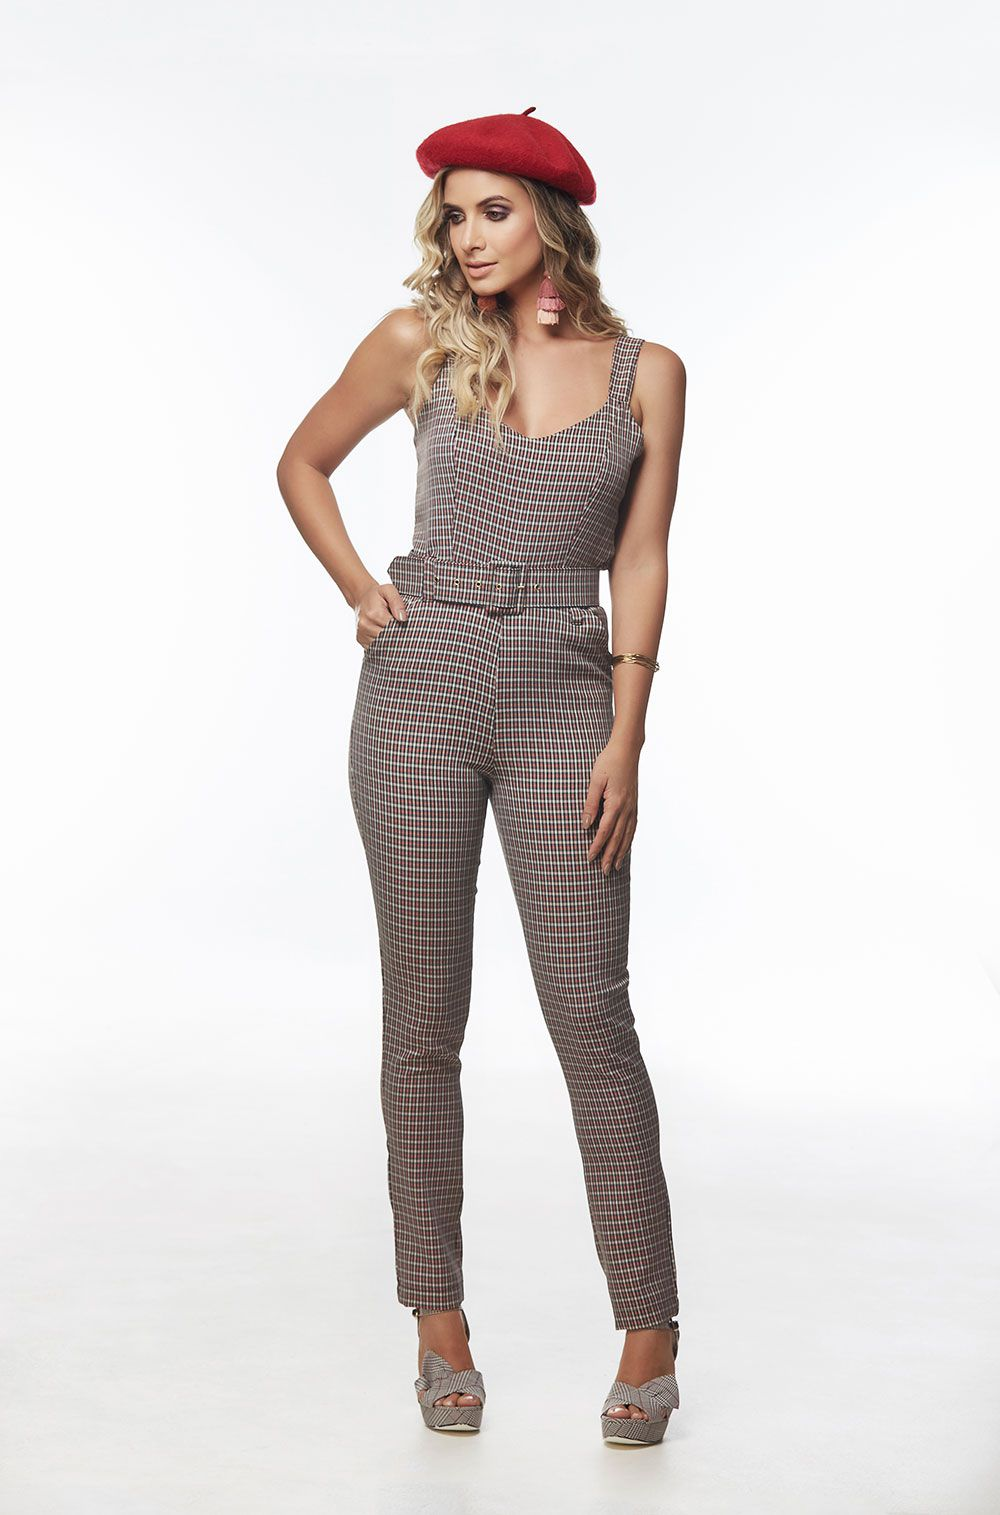 8dcd55b6b Macacão longo xadrez - VANKOKE - Moda Feminina - Vestidos